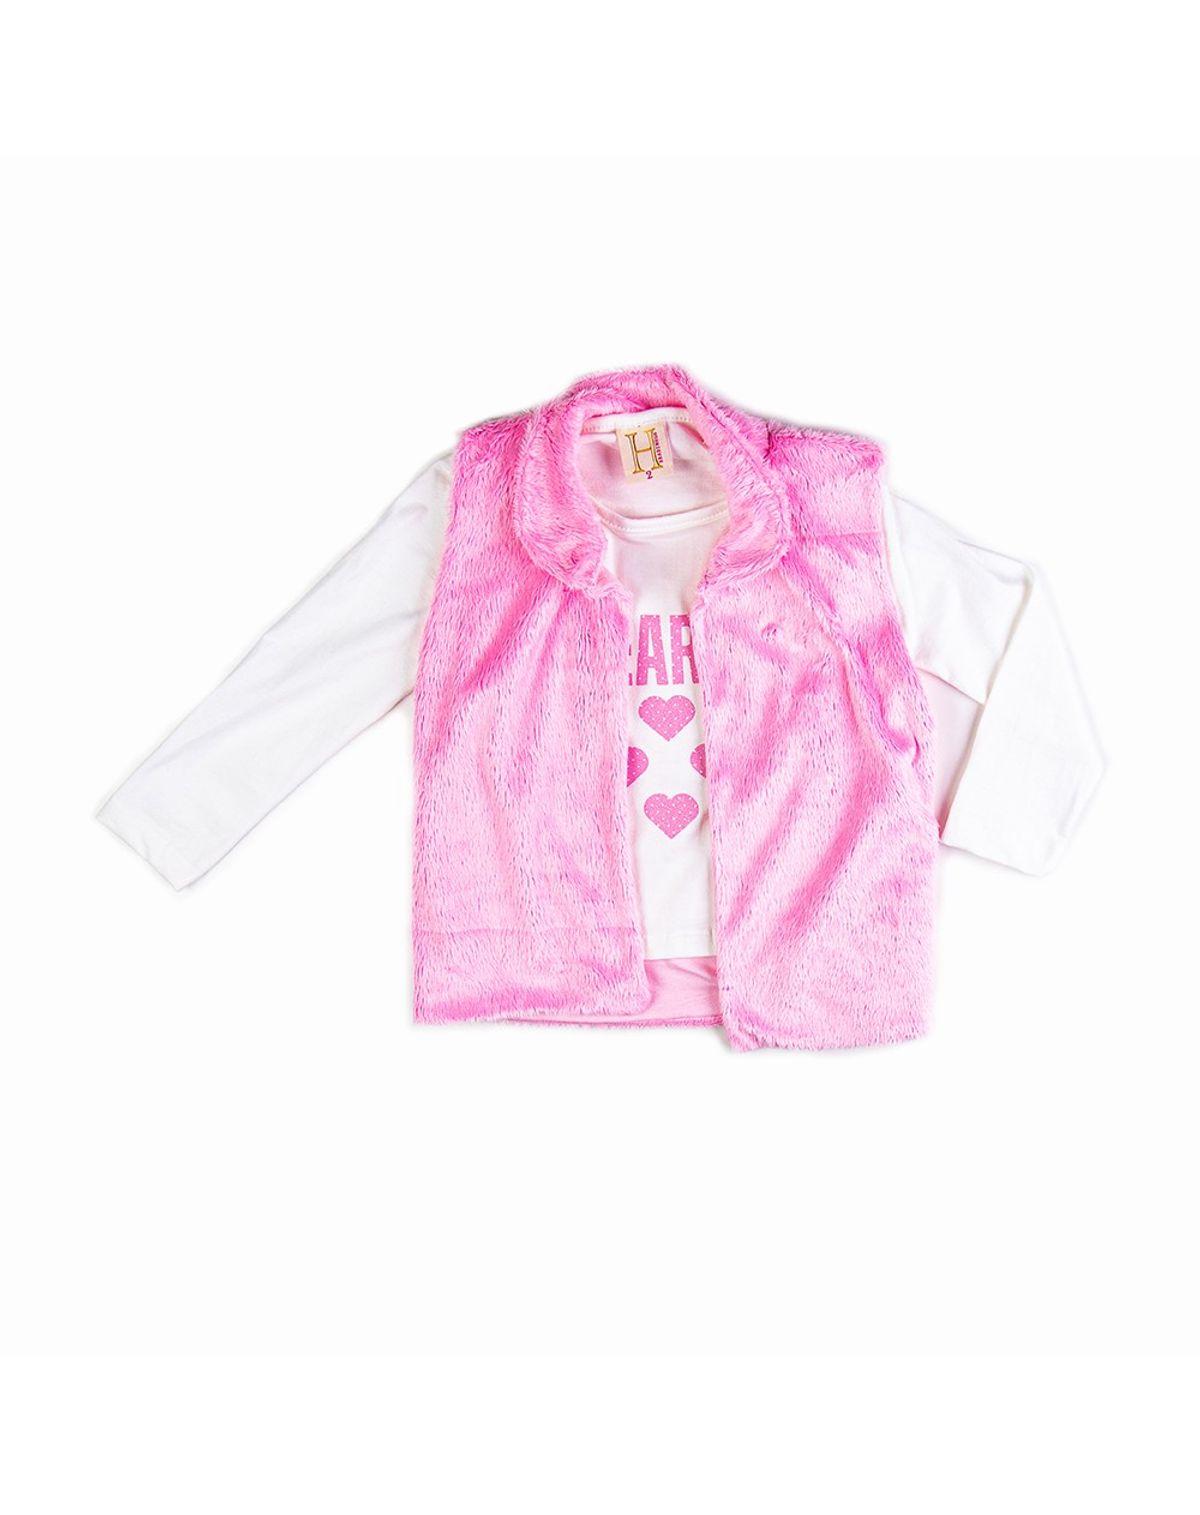 439020349001-Kit-Infantil-Menina-com-Camiseta-Manga-Longa-e-Coleto-de-Pelo-OFF-WHITE-ROSA-1-1